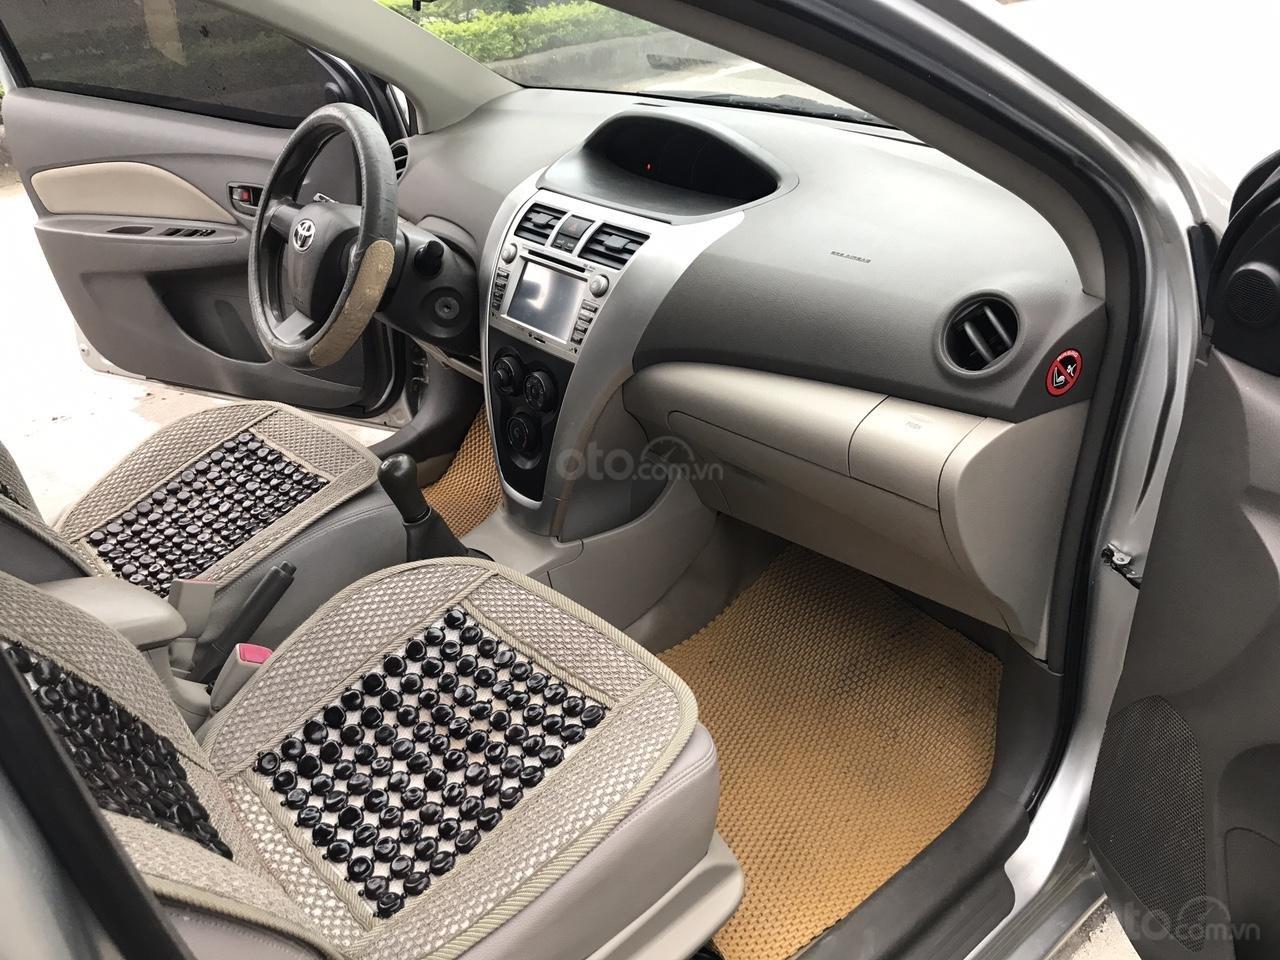 Bán Toyota Vios 1.5 E đời 2013, màu bạc, 380 triệu. Nói không với Limo taxi-6